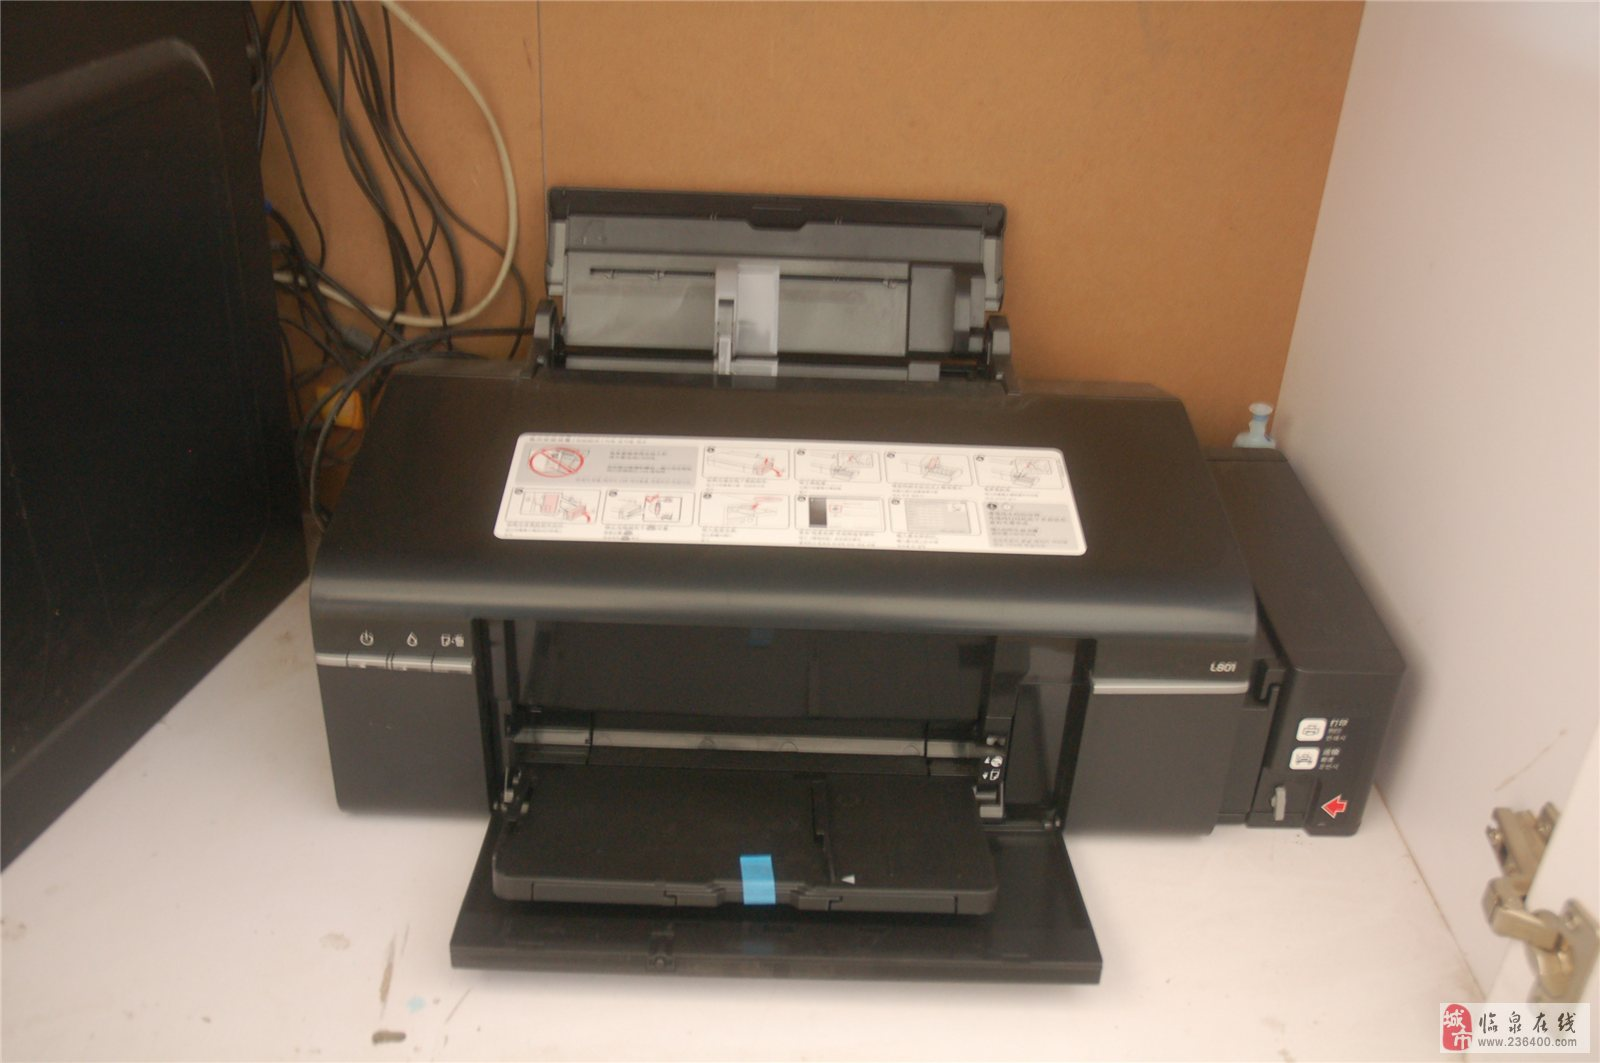 本人有一台EPSON L801喷墨打印机转让,配件齐全,打印照片质量极佳,可以和彩扩机扩印的照片相比美,成本低,可以打印1寸至A4照片。非诚勿扰! 联系我时请说明是在临泉在线看到的 同城交易请当面进行,以免造成损失。外地交易信息或者超低价商品请慎重,谨防上当受骗。